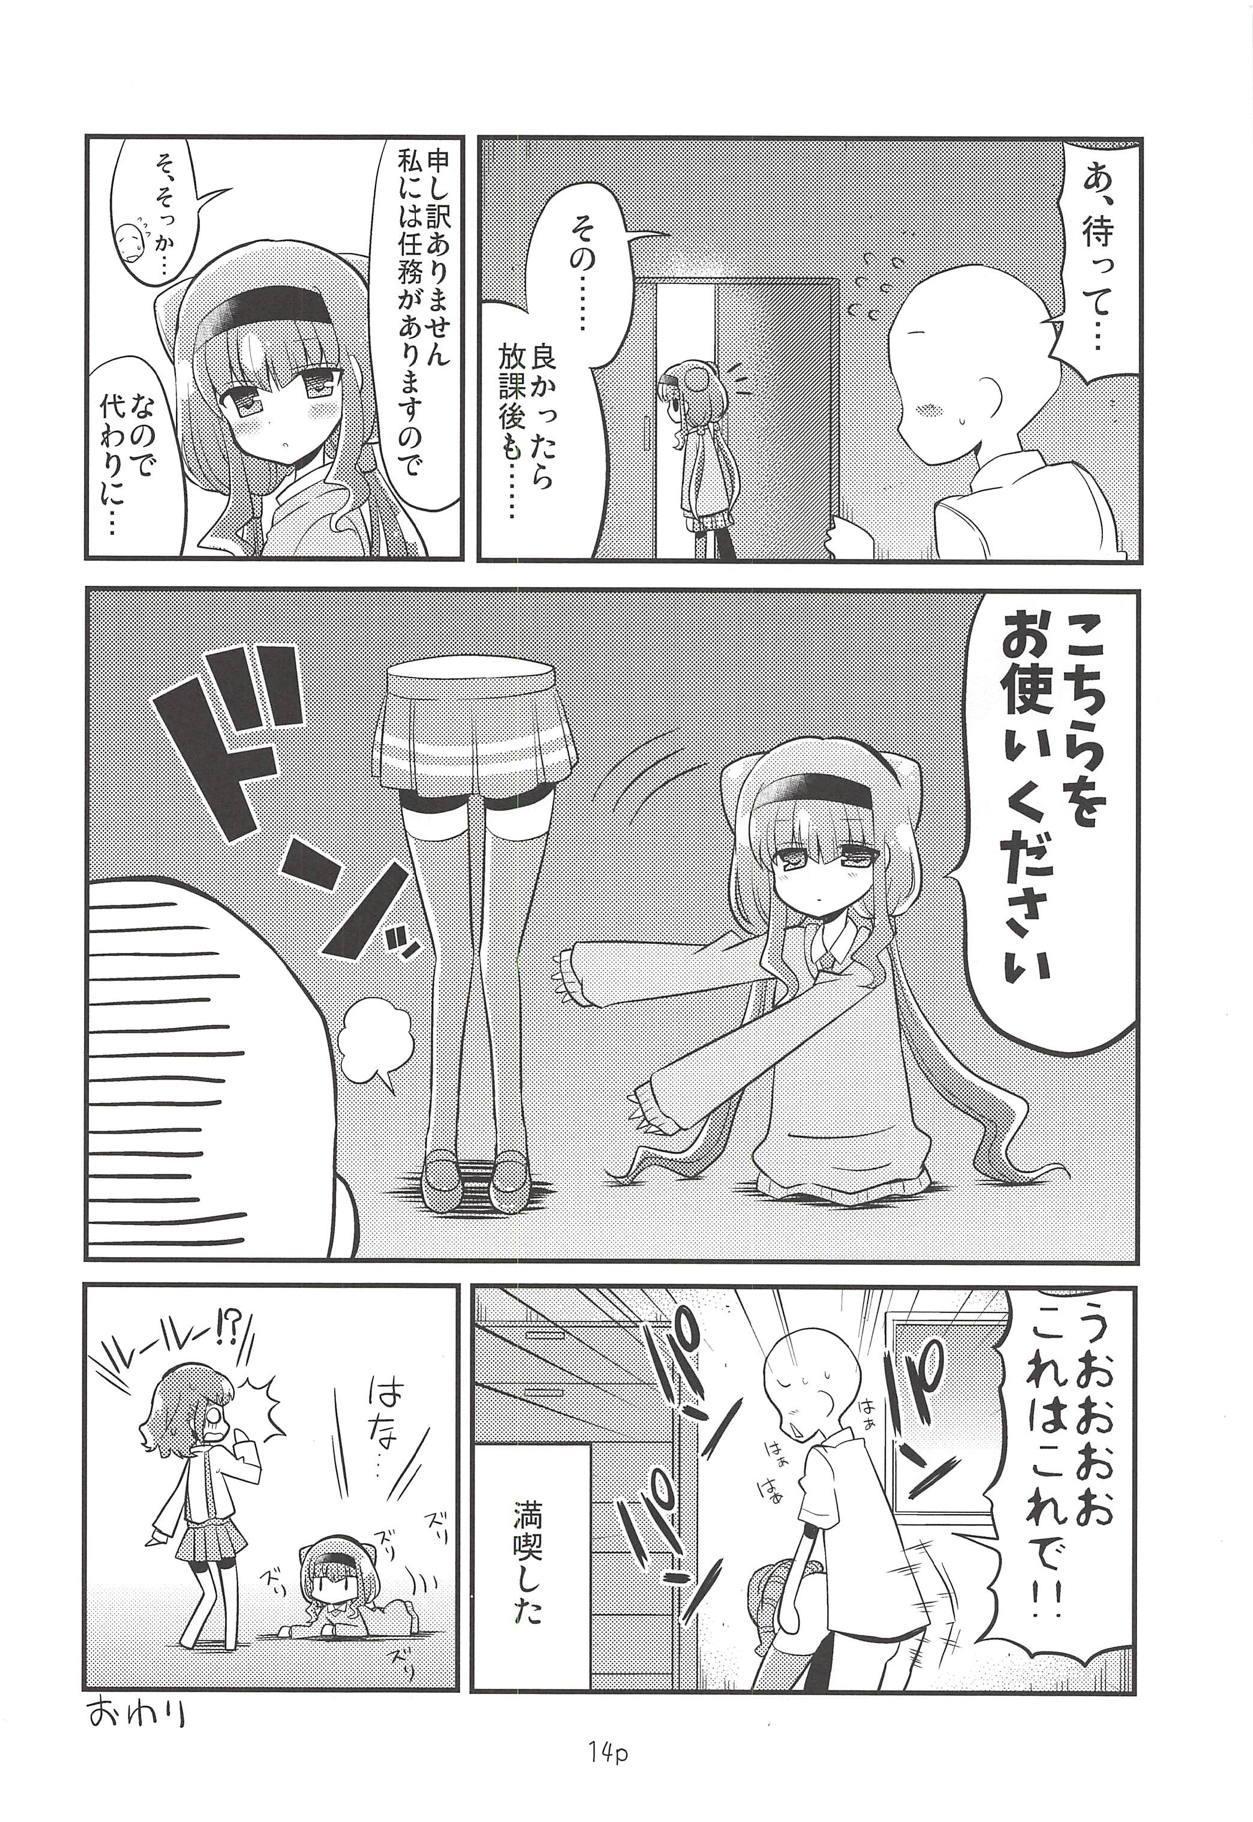 Ruru o Tsukatte Mita 12